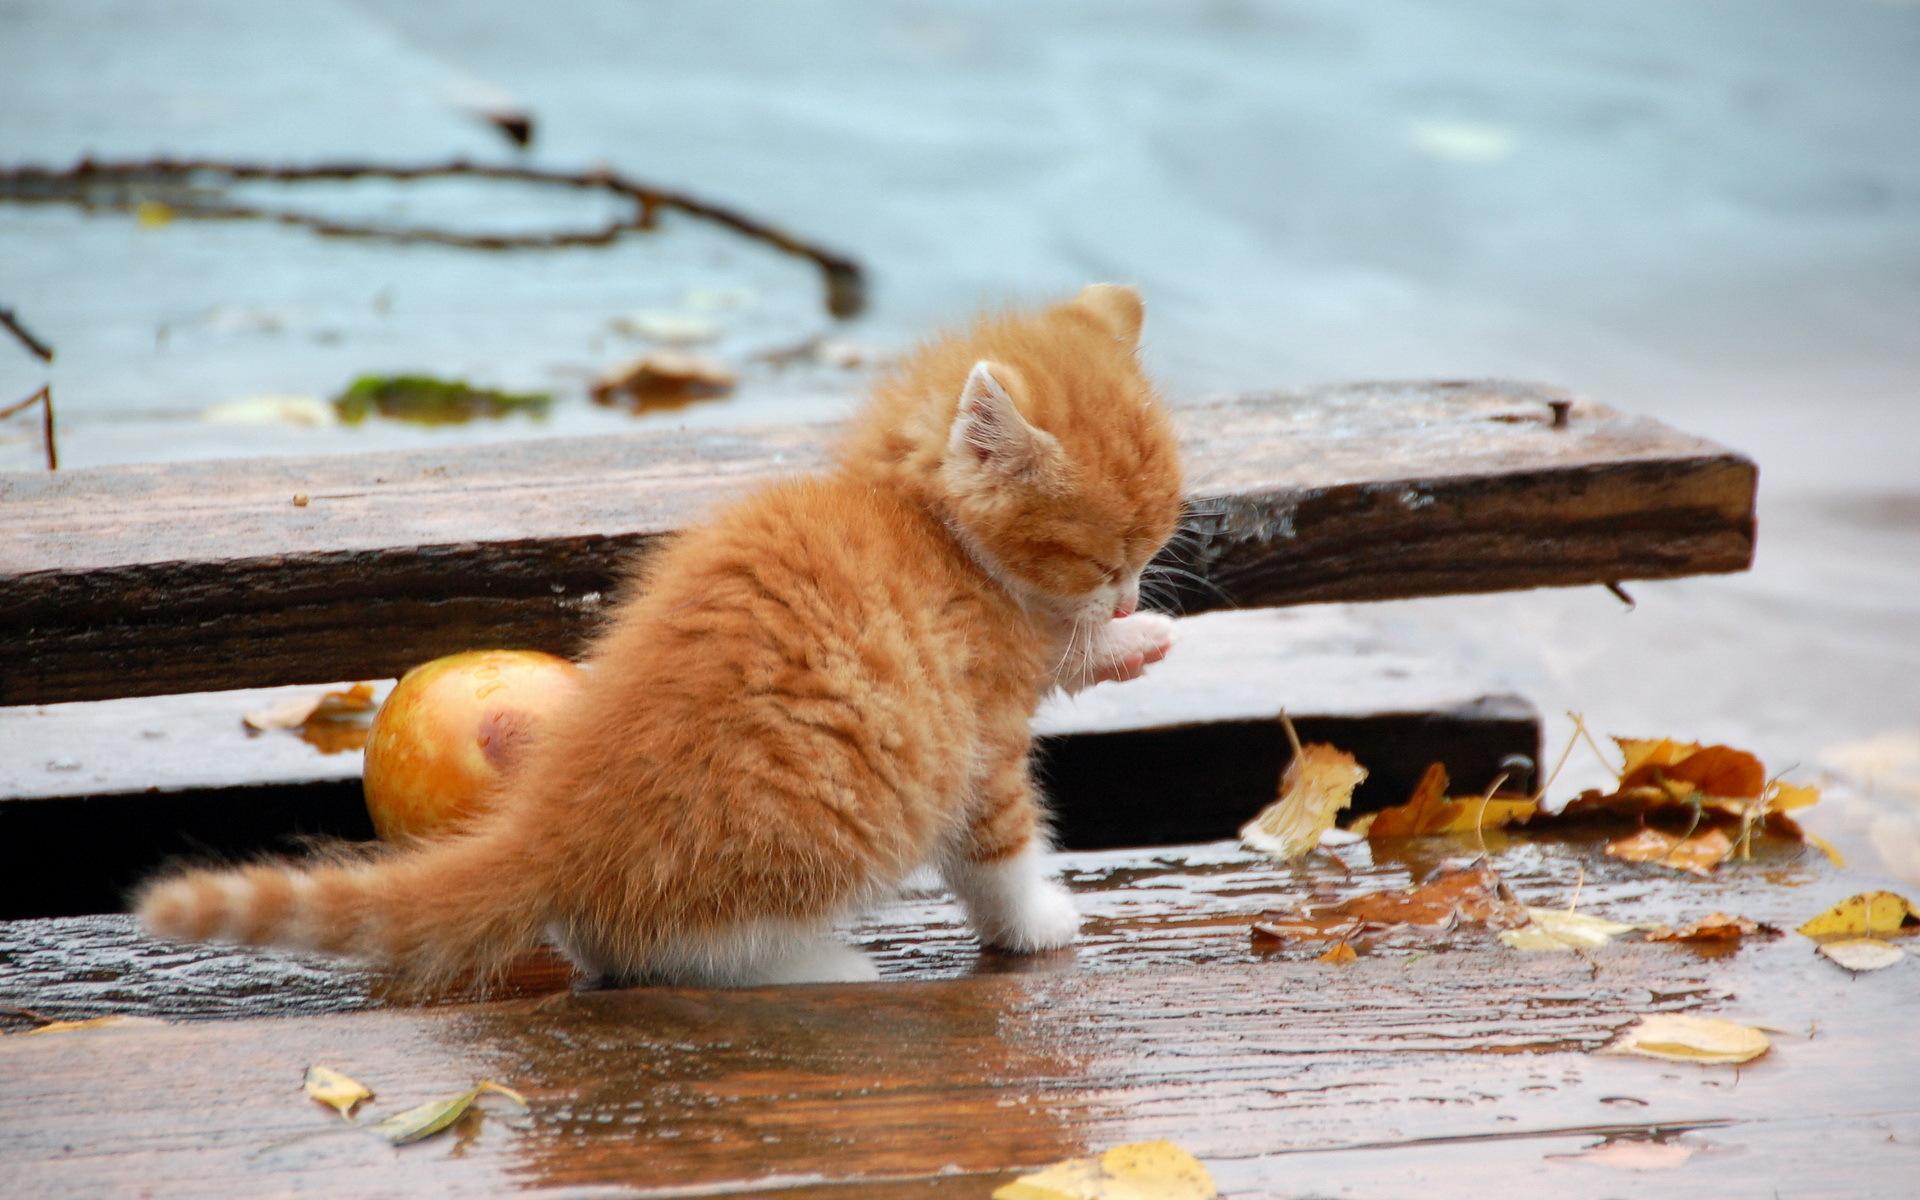 снять верхний дождливая осень прикольные картинки каждый